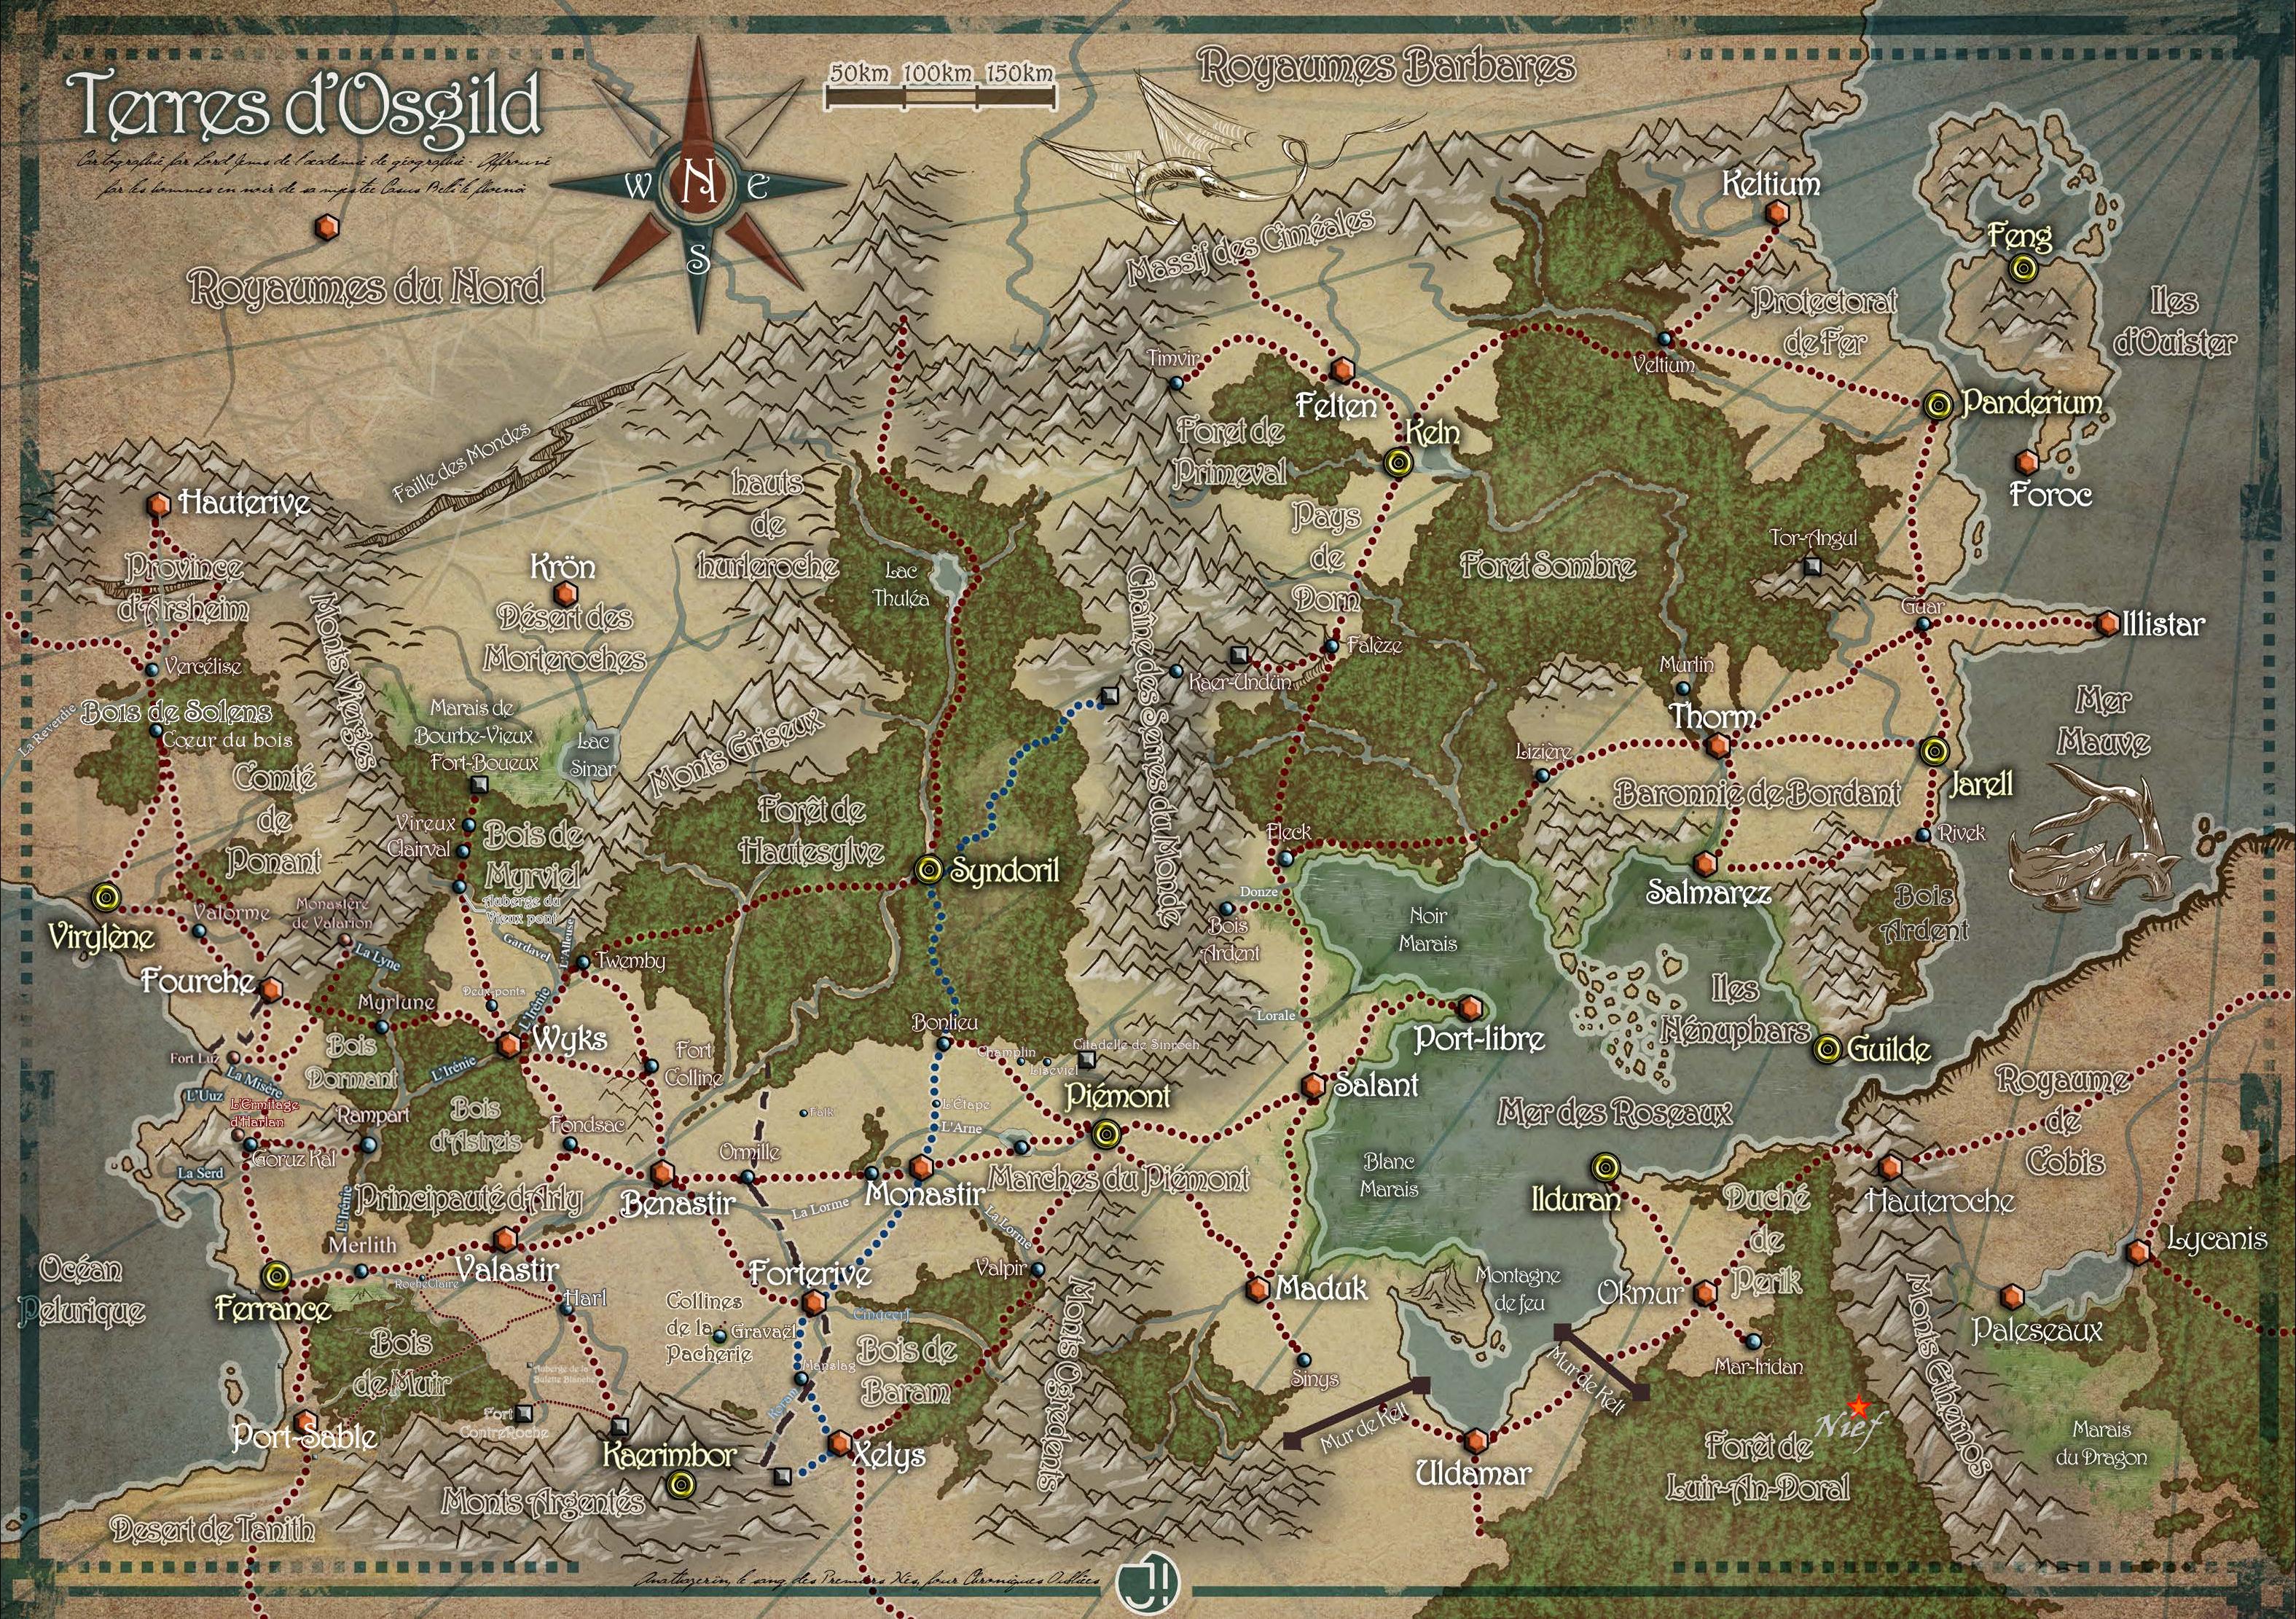 Carte d'Osgild